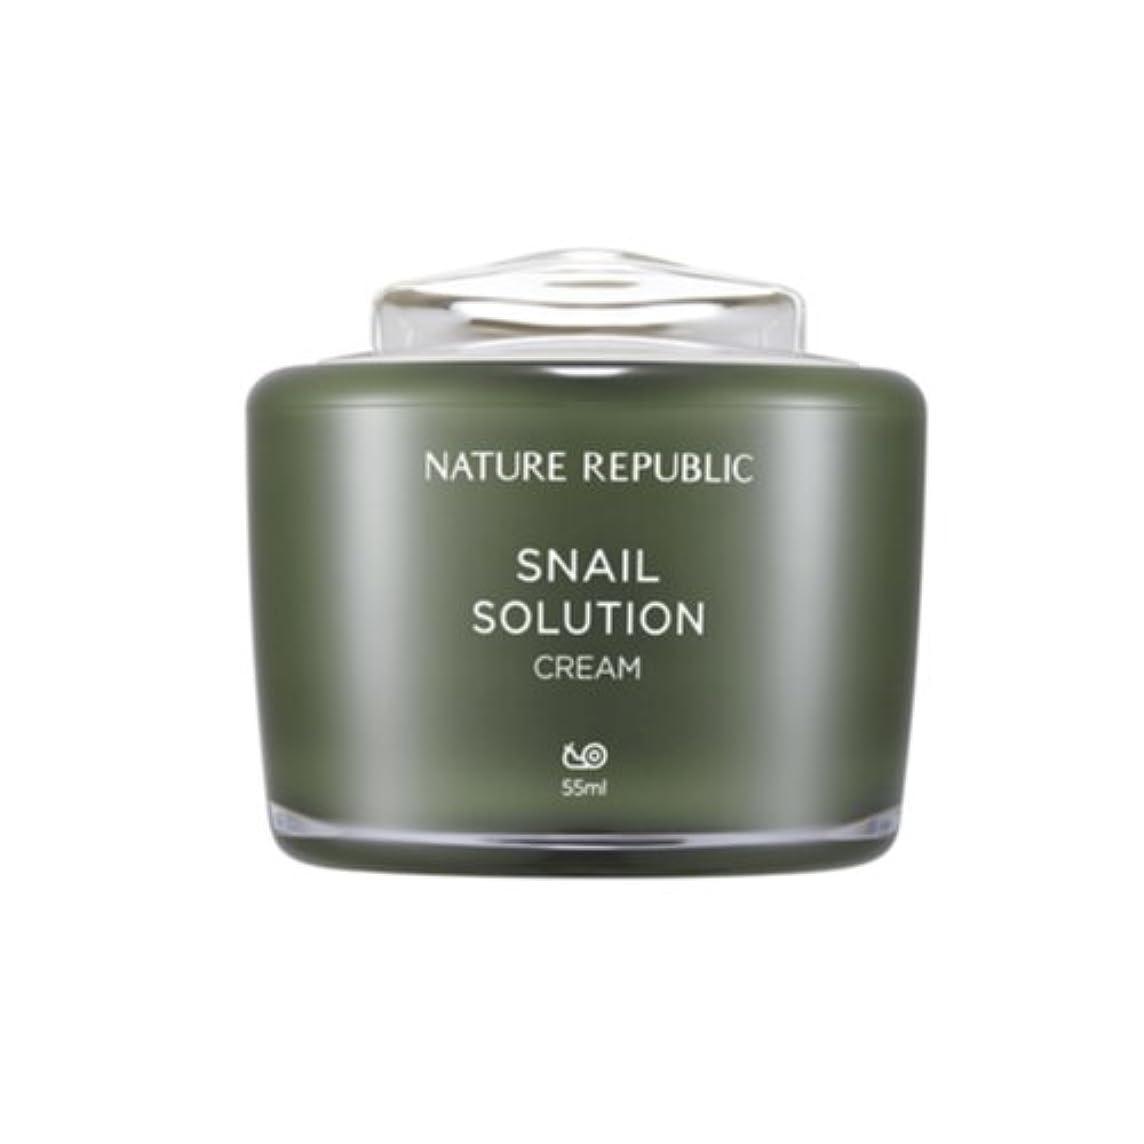 誰でも直接起きろ[ネイチャーリパブリック] Nature republicスネイルソリューションクリーム海外直送品(Snail Solution Cream) [並行輸入品]